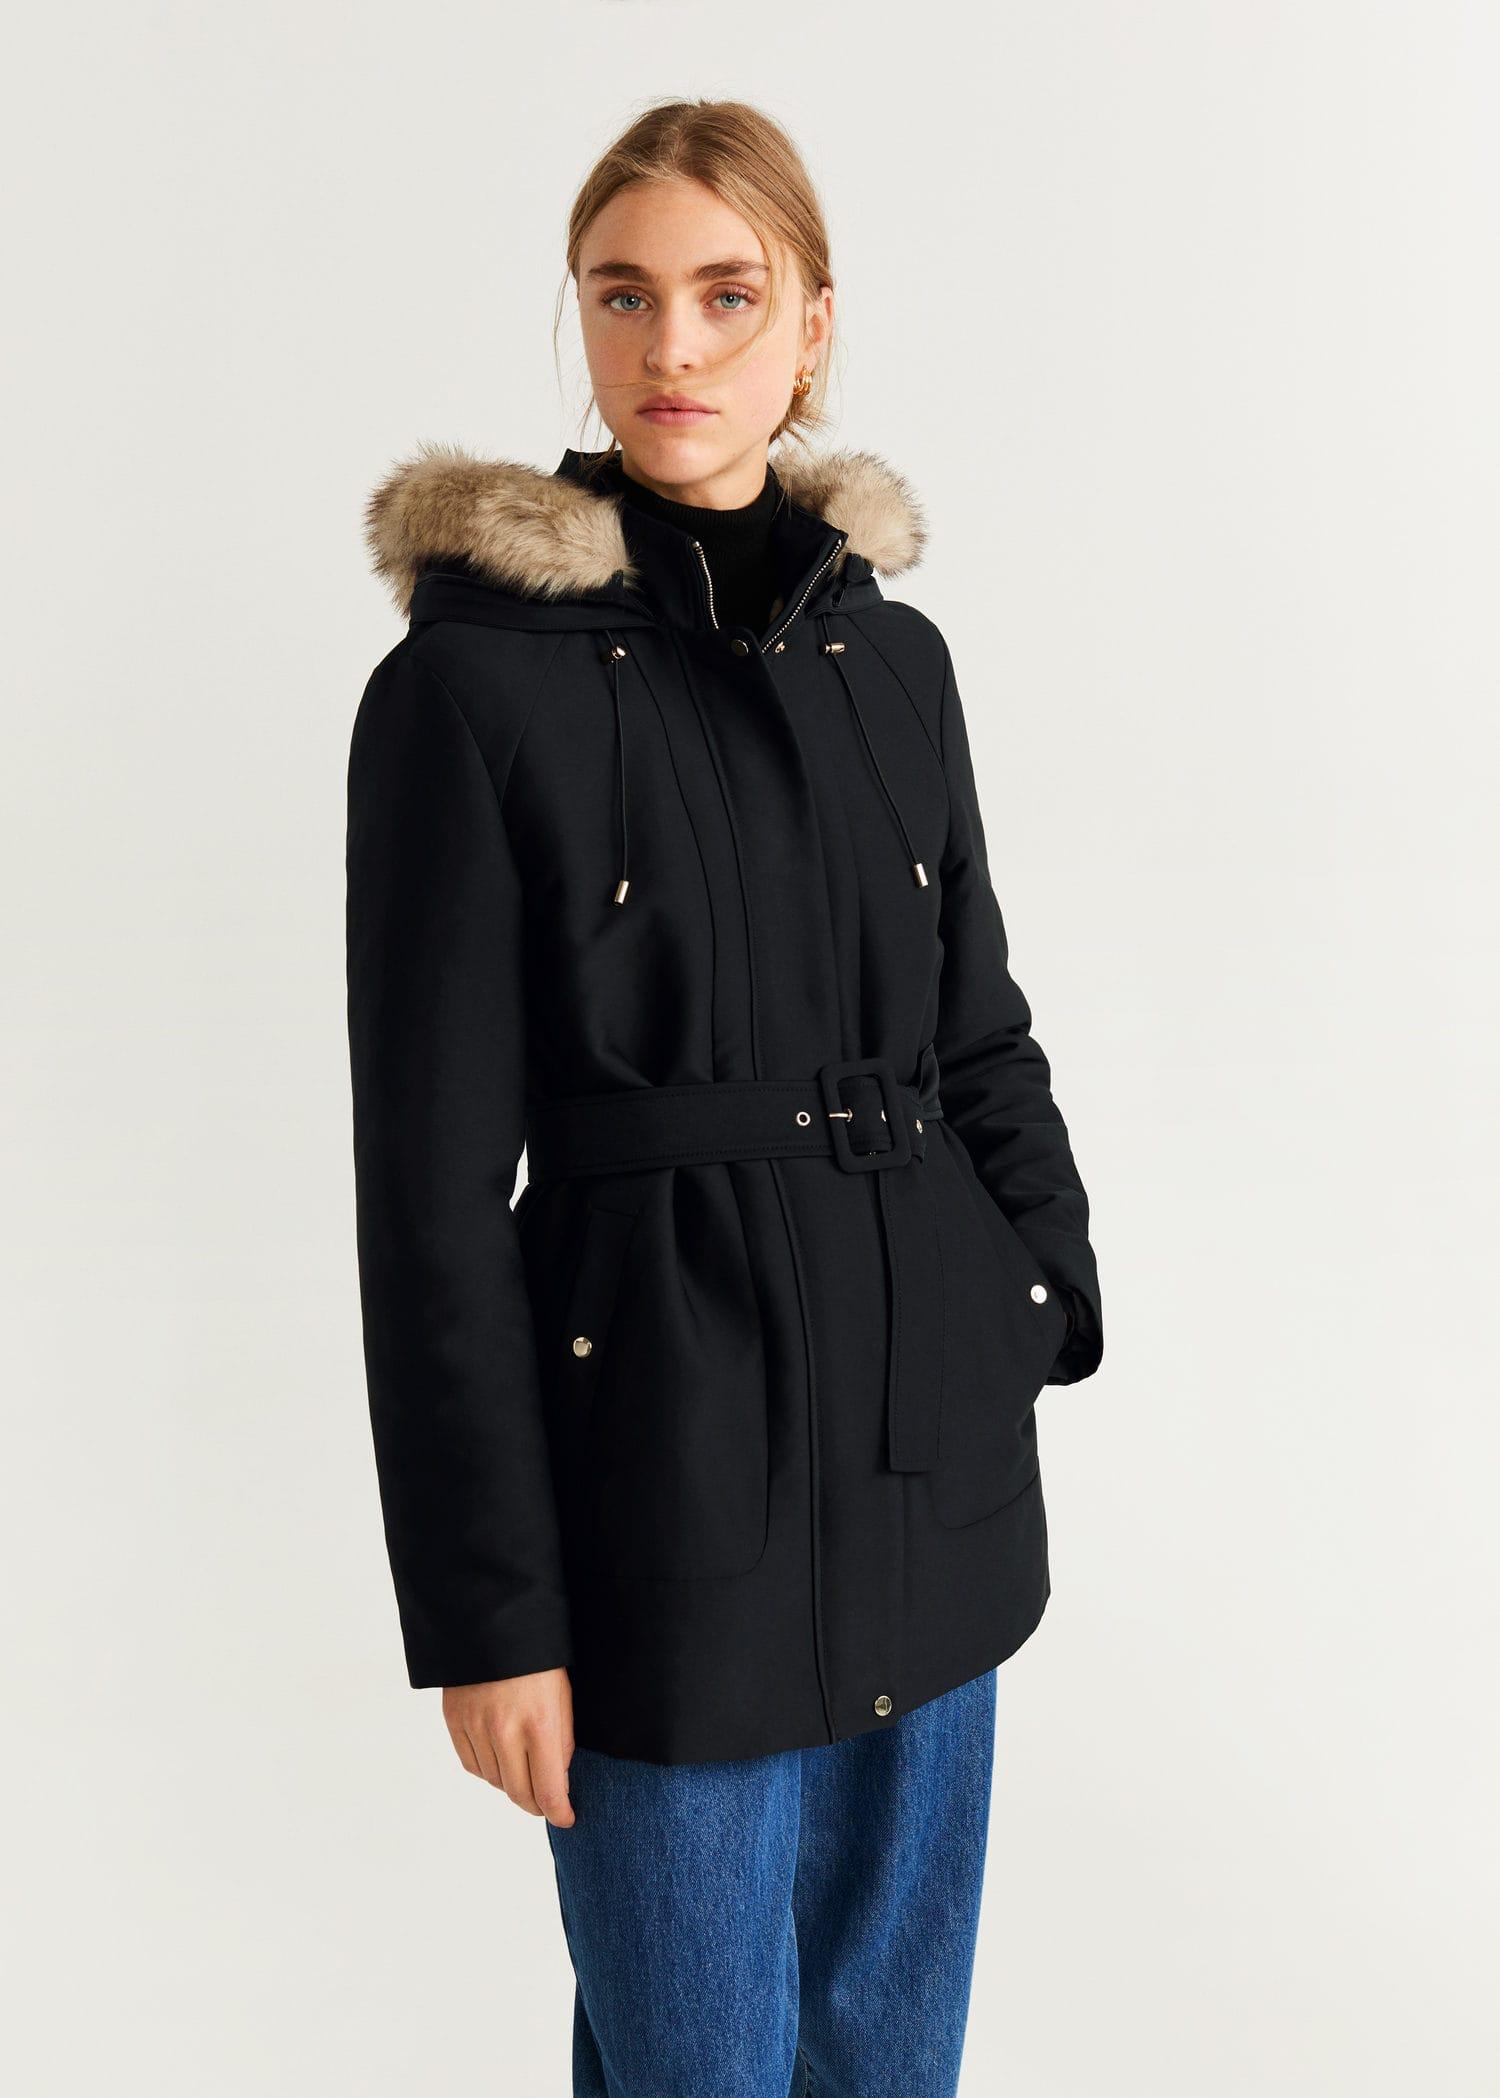 Manteau mi saison femme noir